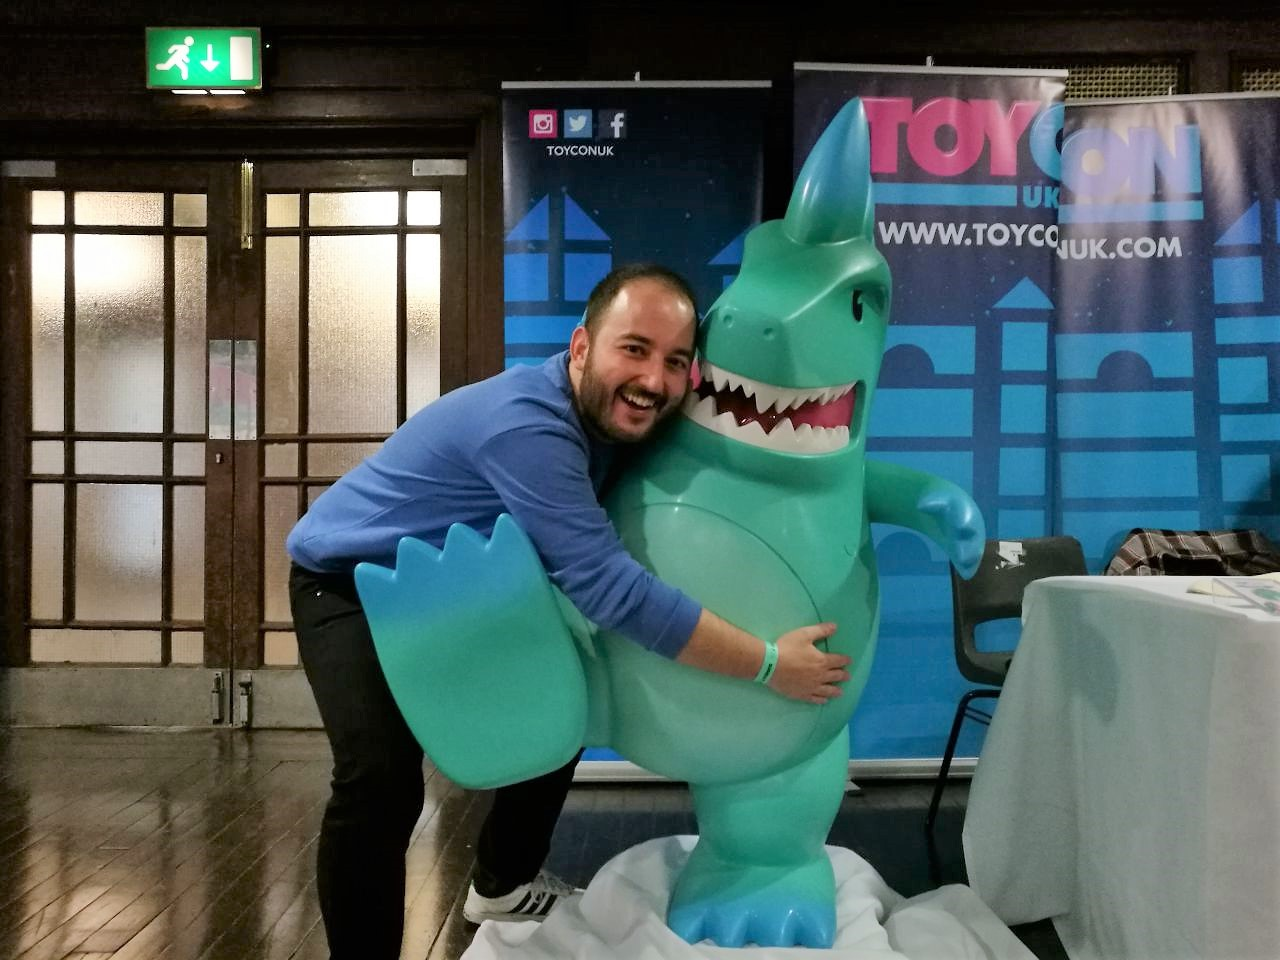 ¡Abrazando a Toyconosaurus!